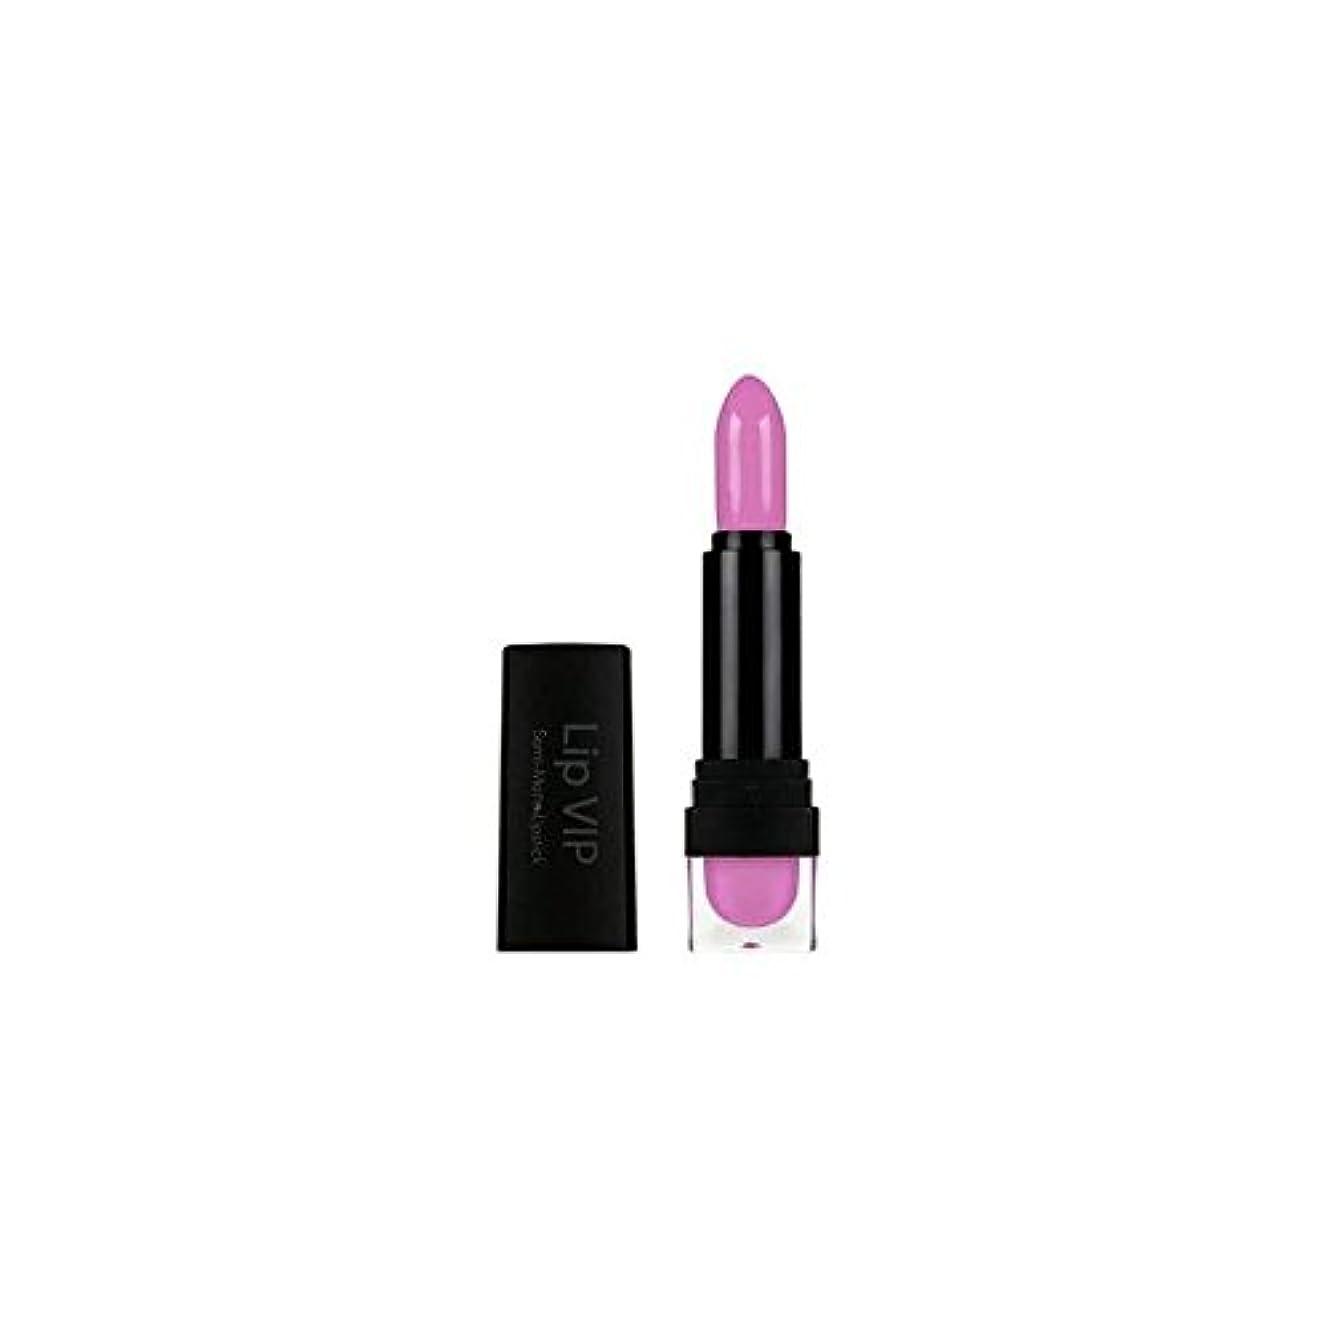 本物ユーザー八百屋さんなめらかな気まぐれなコレクションリップ..大物 x4 - Sleek Whimsical Collection Lip V.I.P Big Shot (Pack of 4) [並行輸入品]